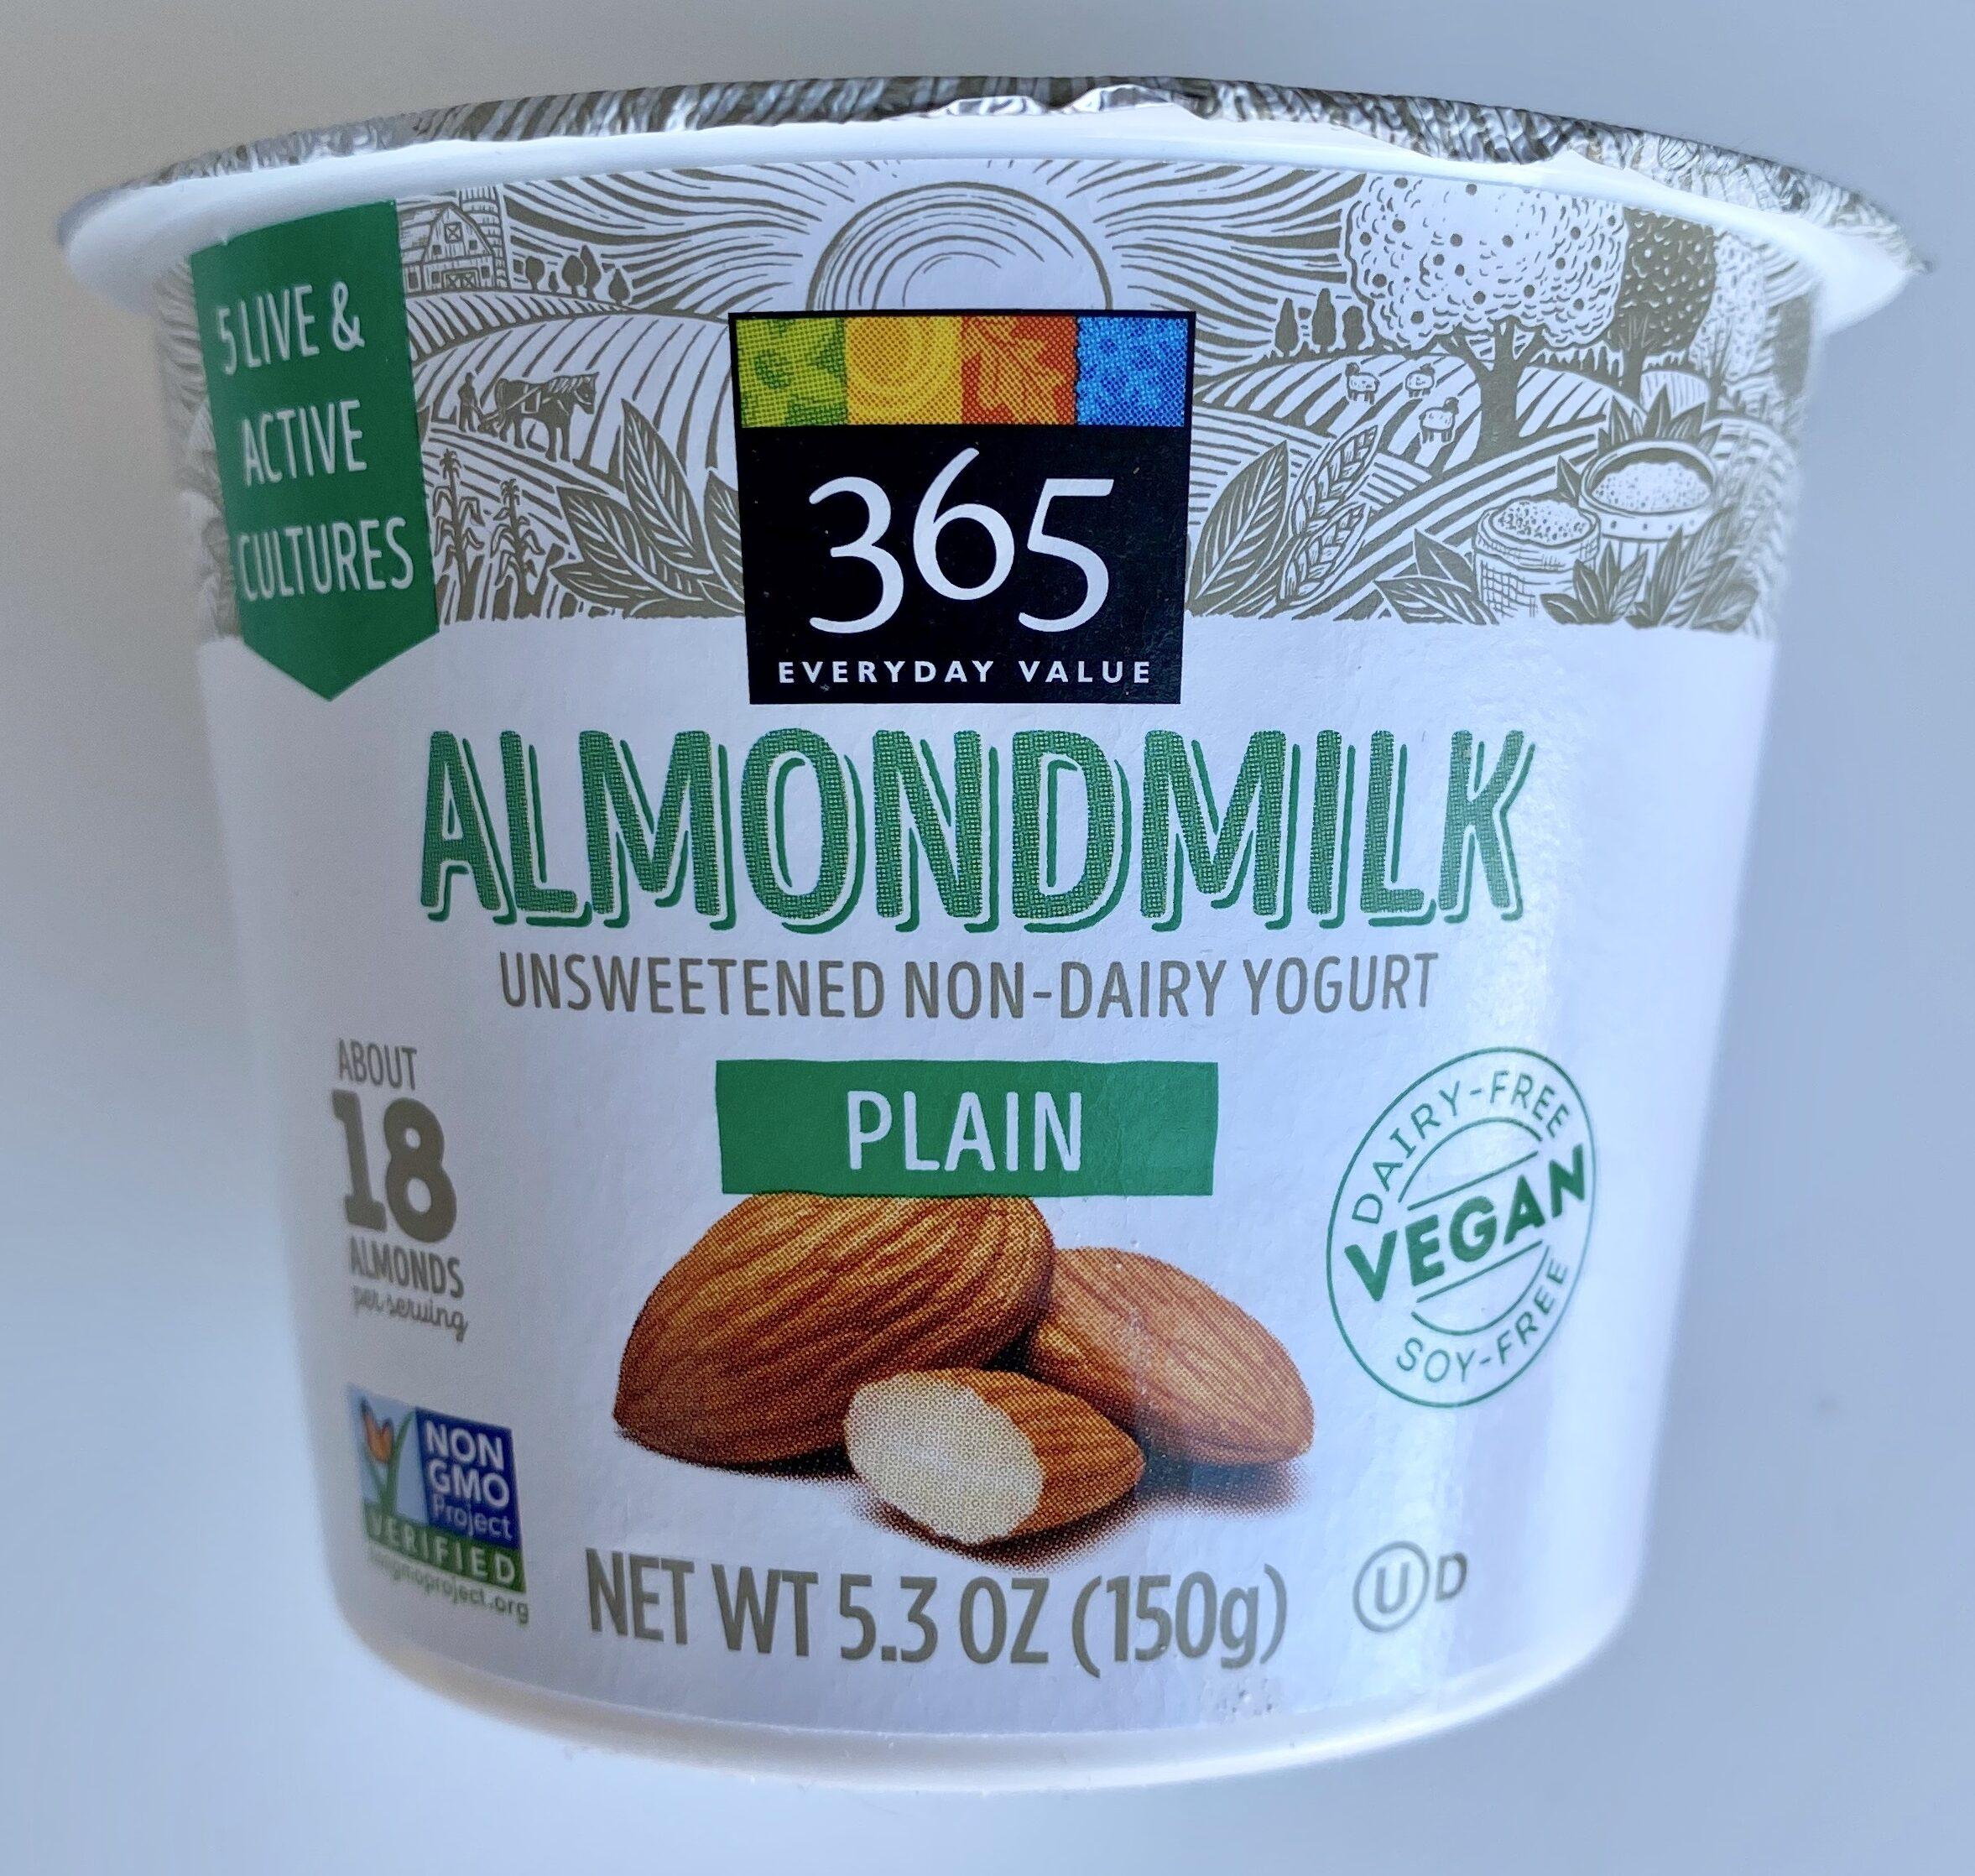 Plain almondmilk unsweetened non-dairy yogurt, plain almondmilk - Product - en